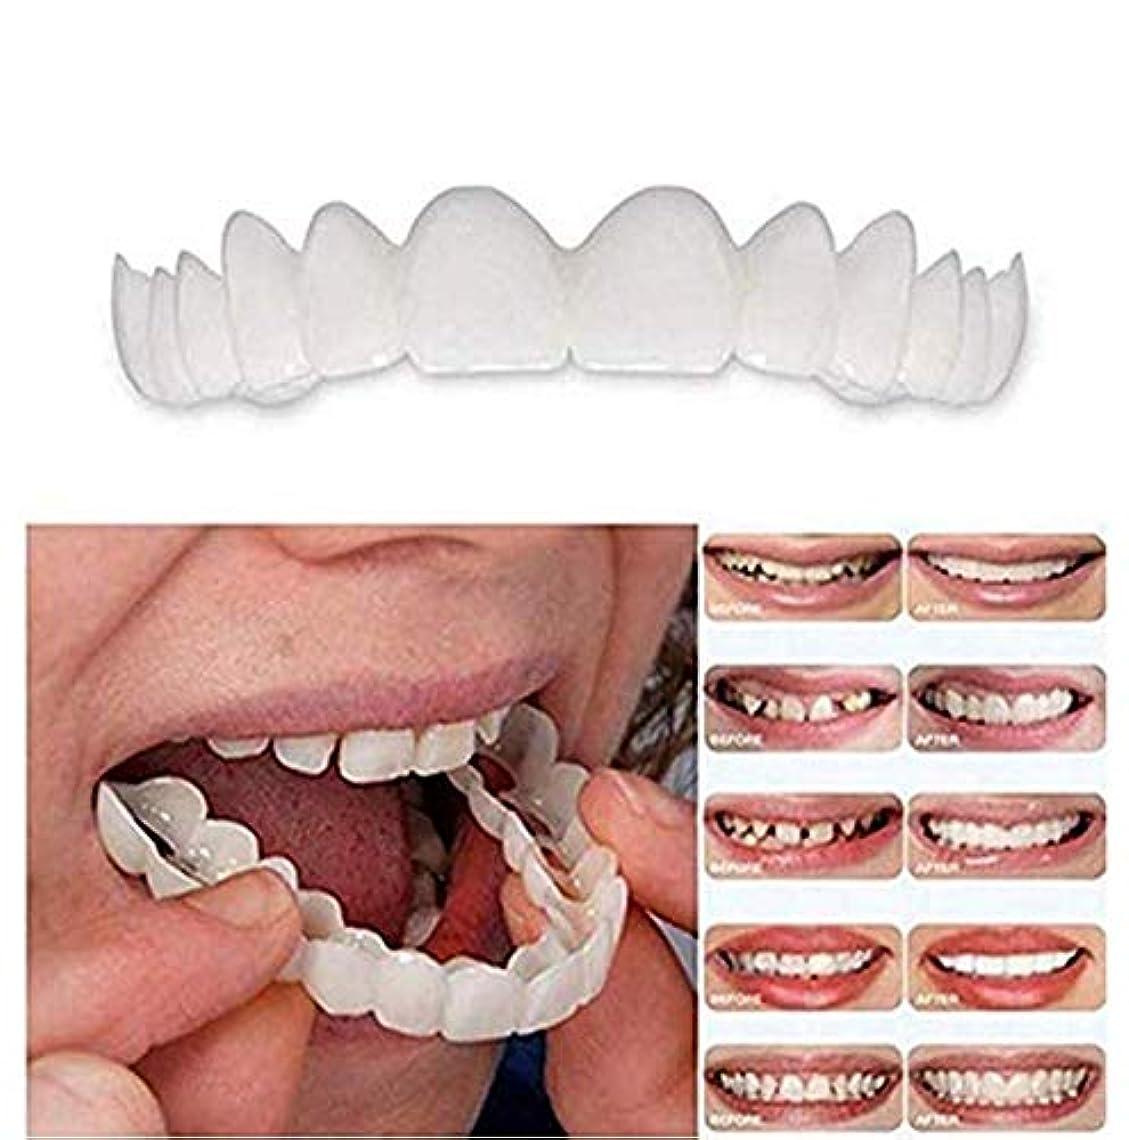 キャベツミサイル実際2PCS /セット(上下上下の義歯インスタントスマイルコンフォートフィットフレックス化粧品歯のトップ化粧品突き板[エネルギークラスA]